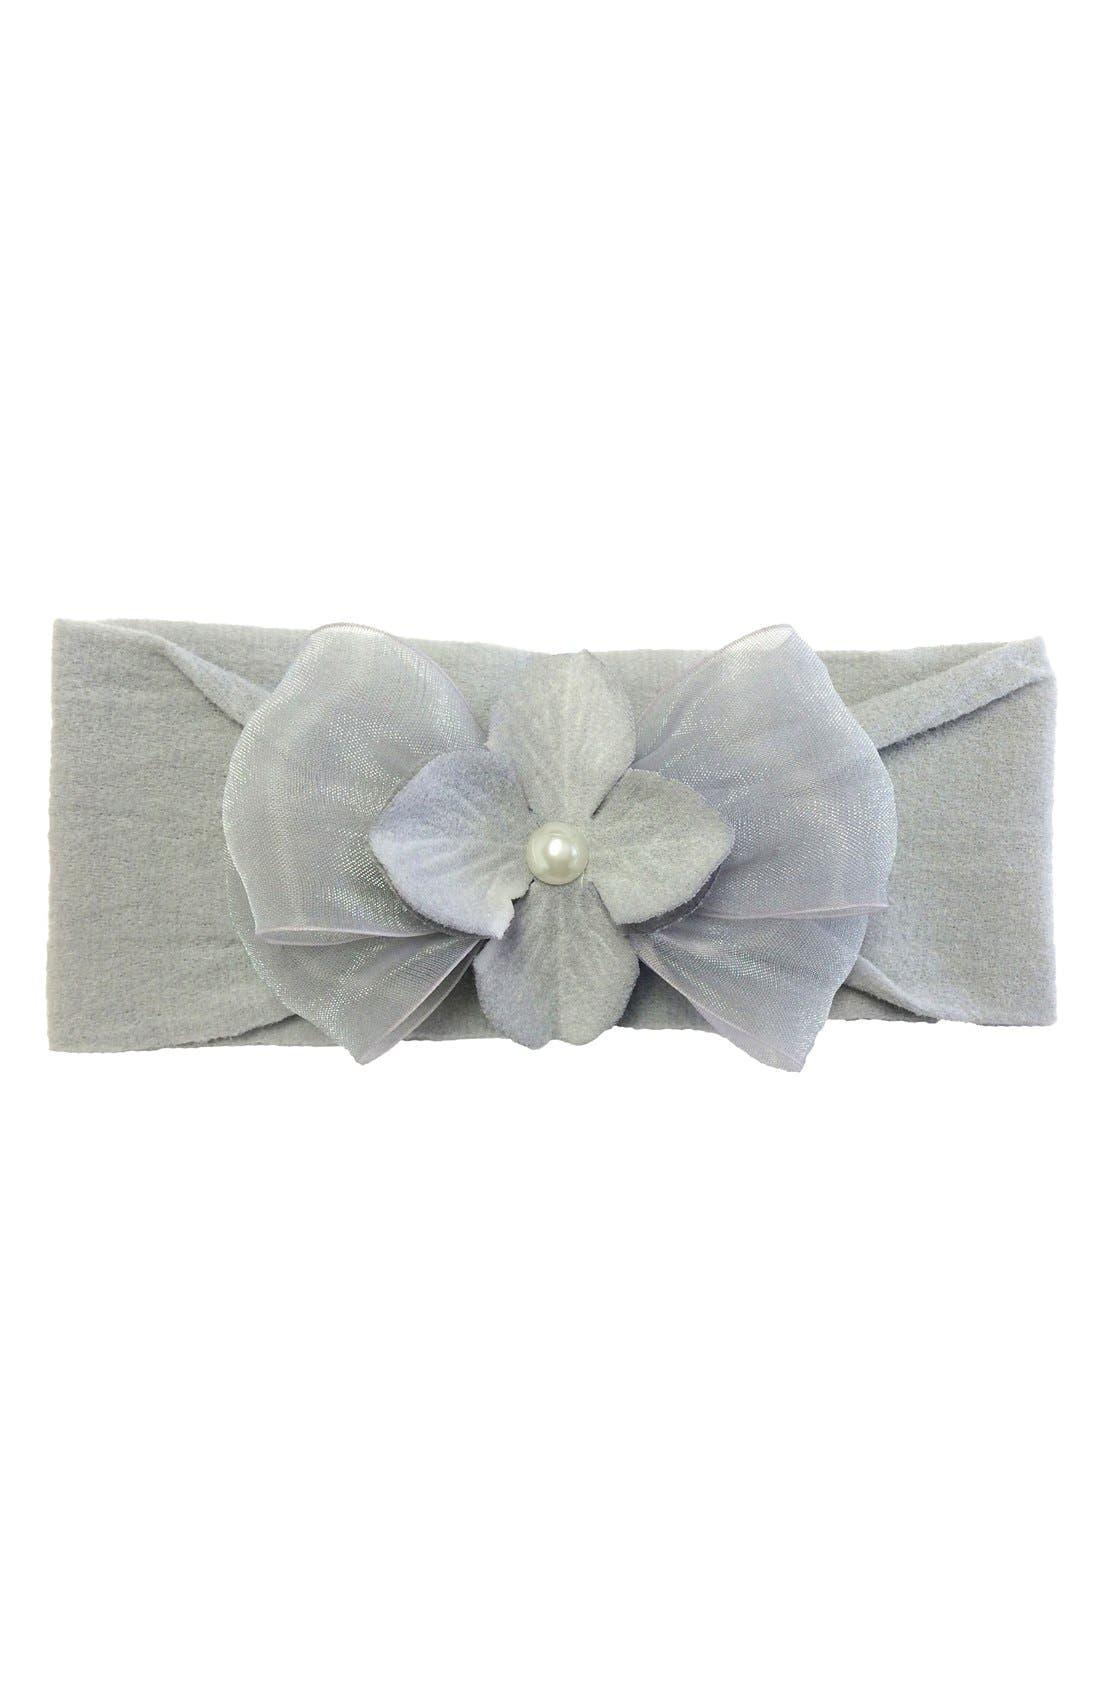 Pearly Headband,                         Main,                         color, Grey/ Grey